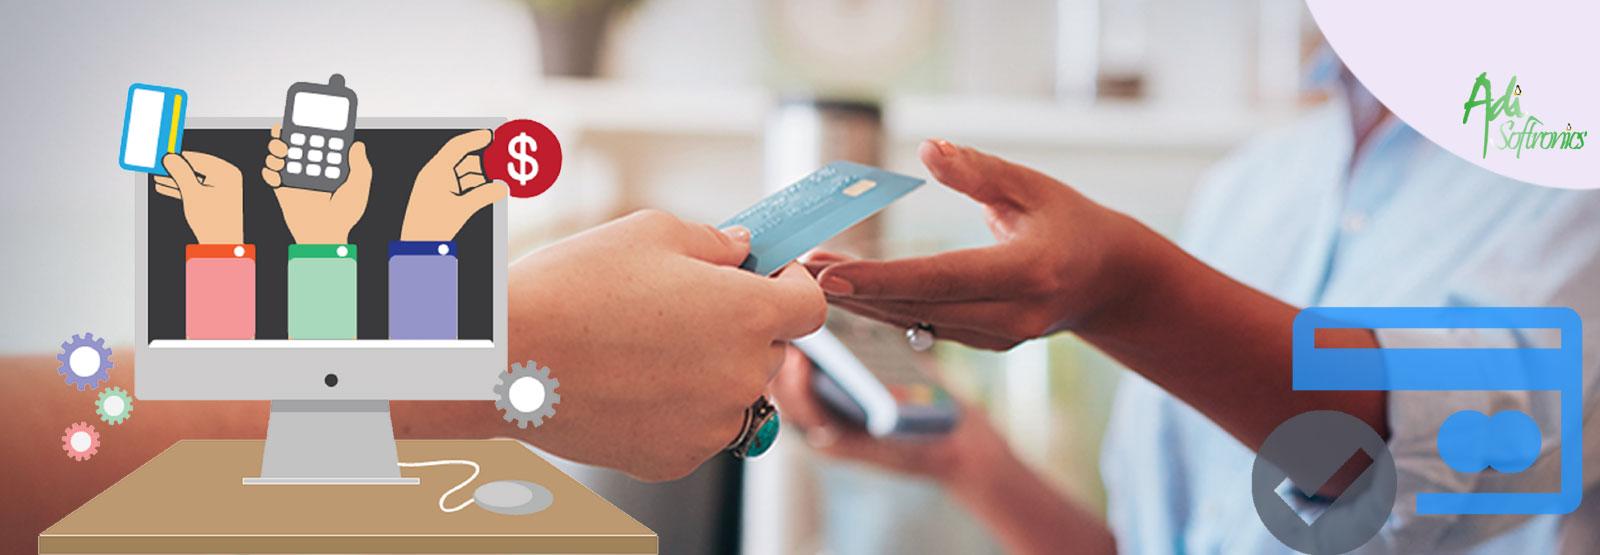 CC Avenue payment gateway integration